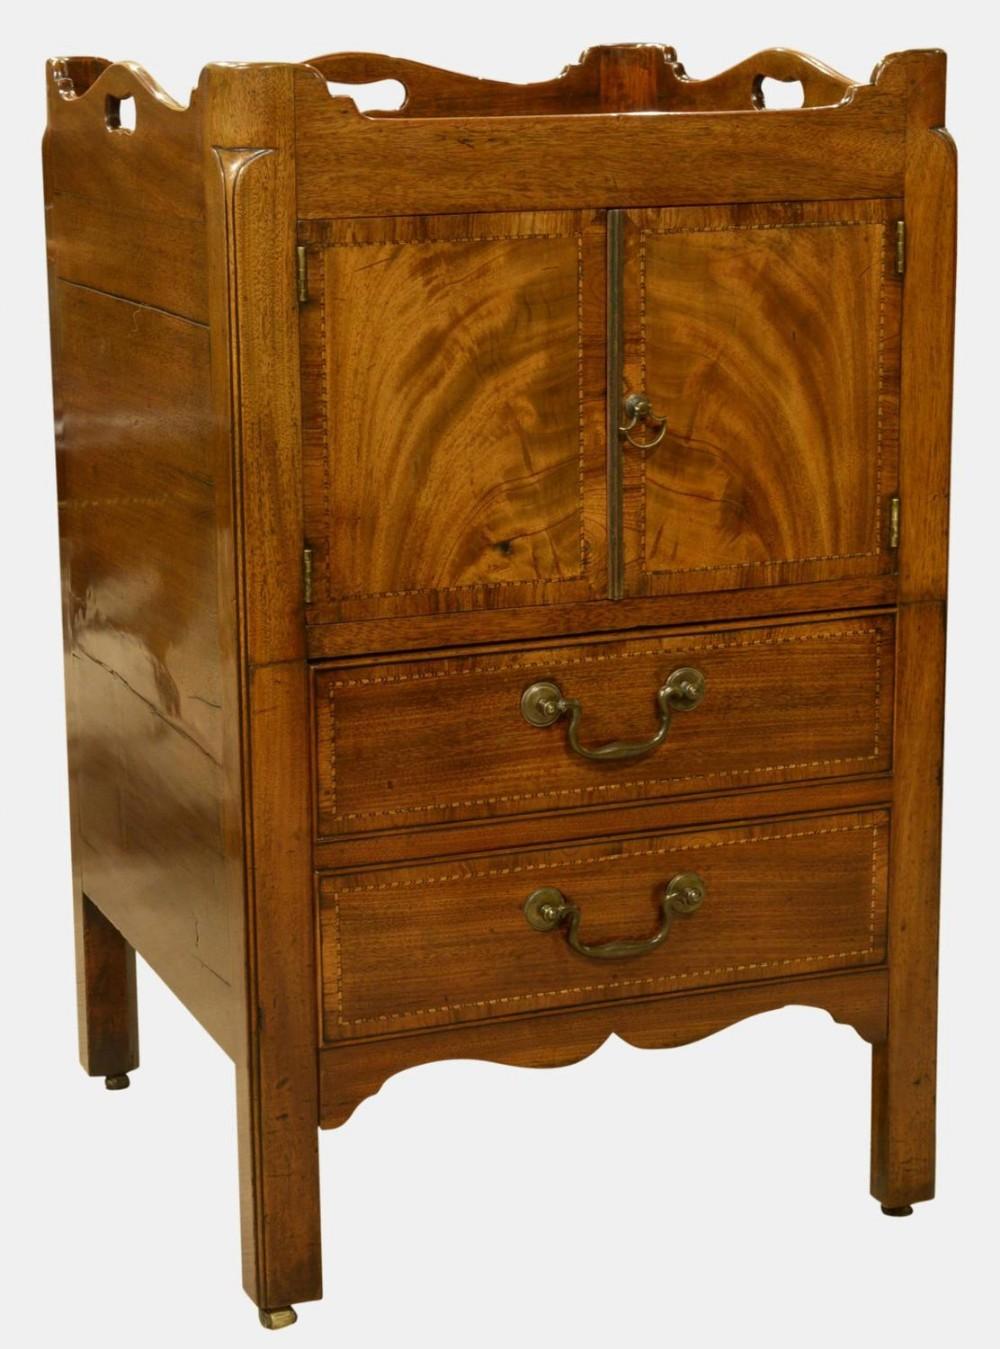 18th century mahogany tray top night table